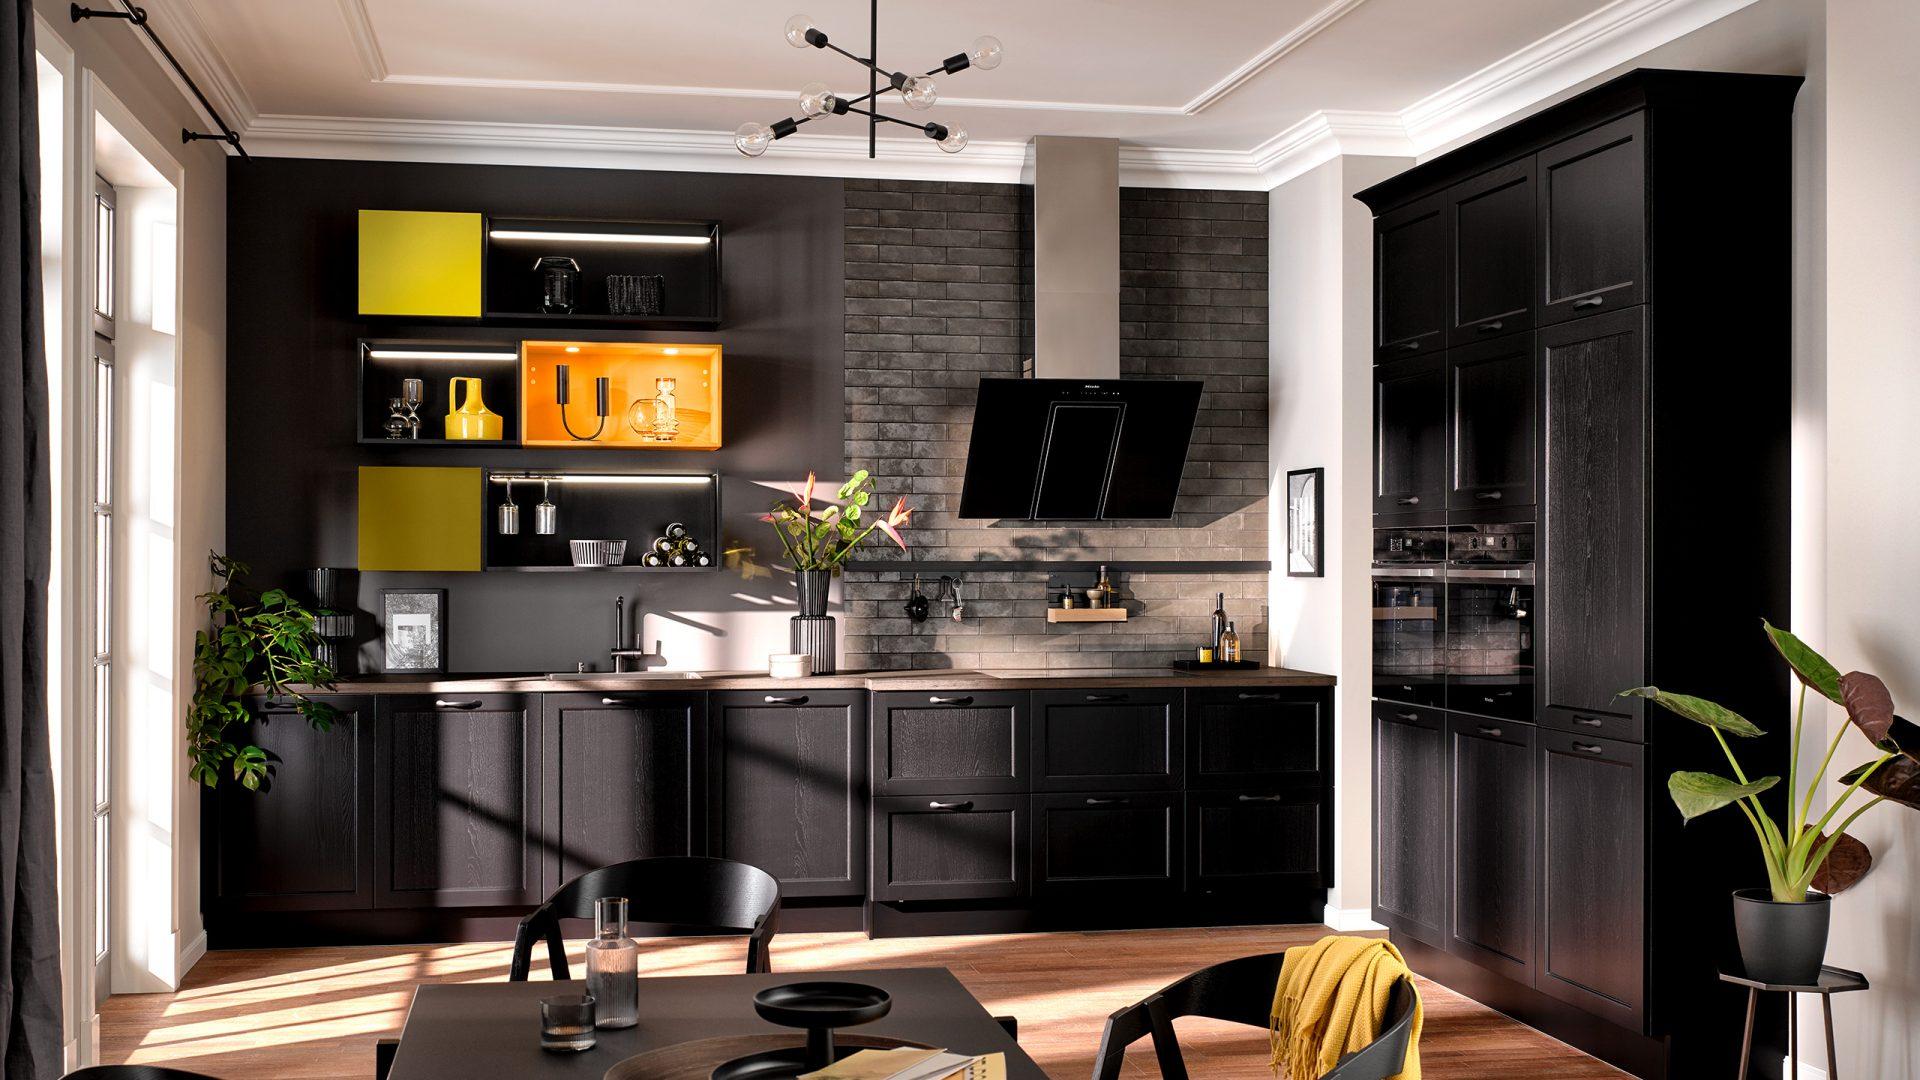 Häcker Küche im Landhausstil - Küchentrends 2021